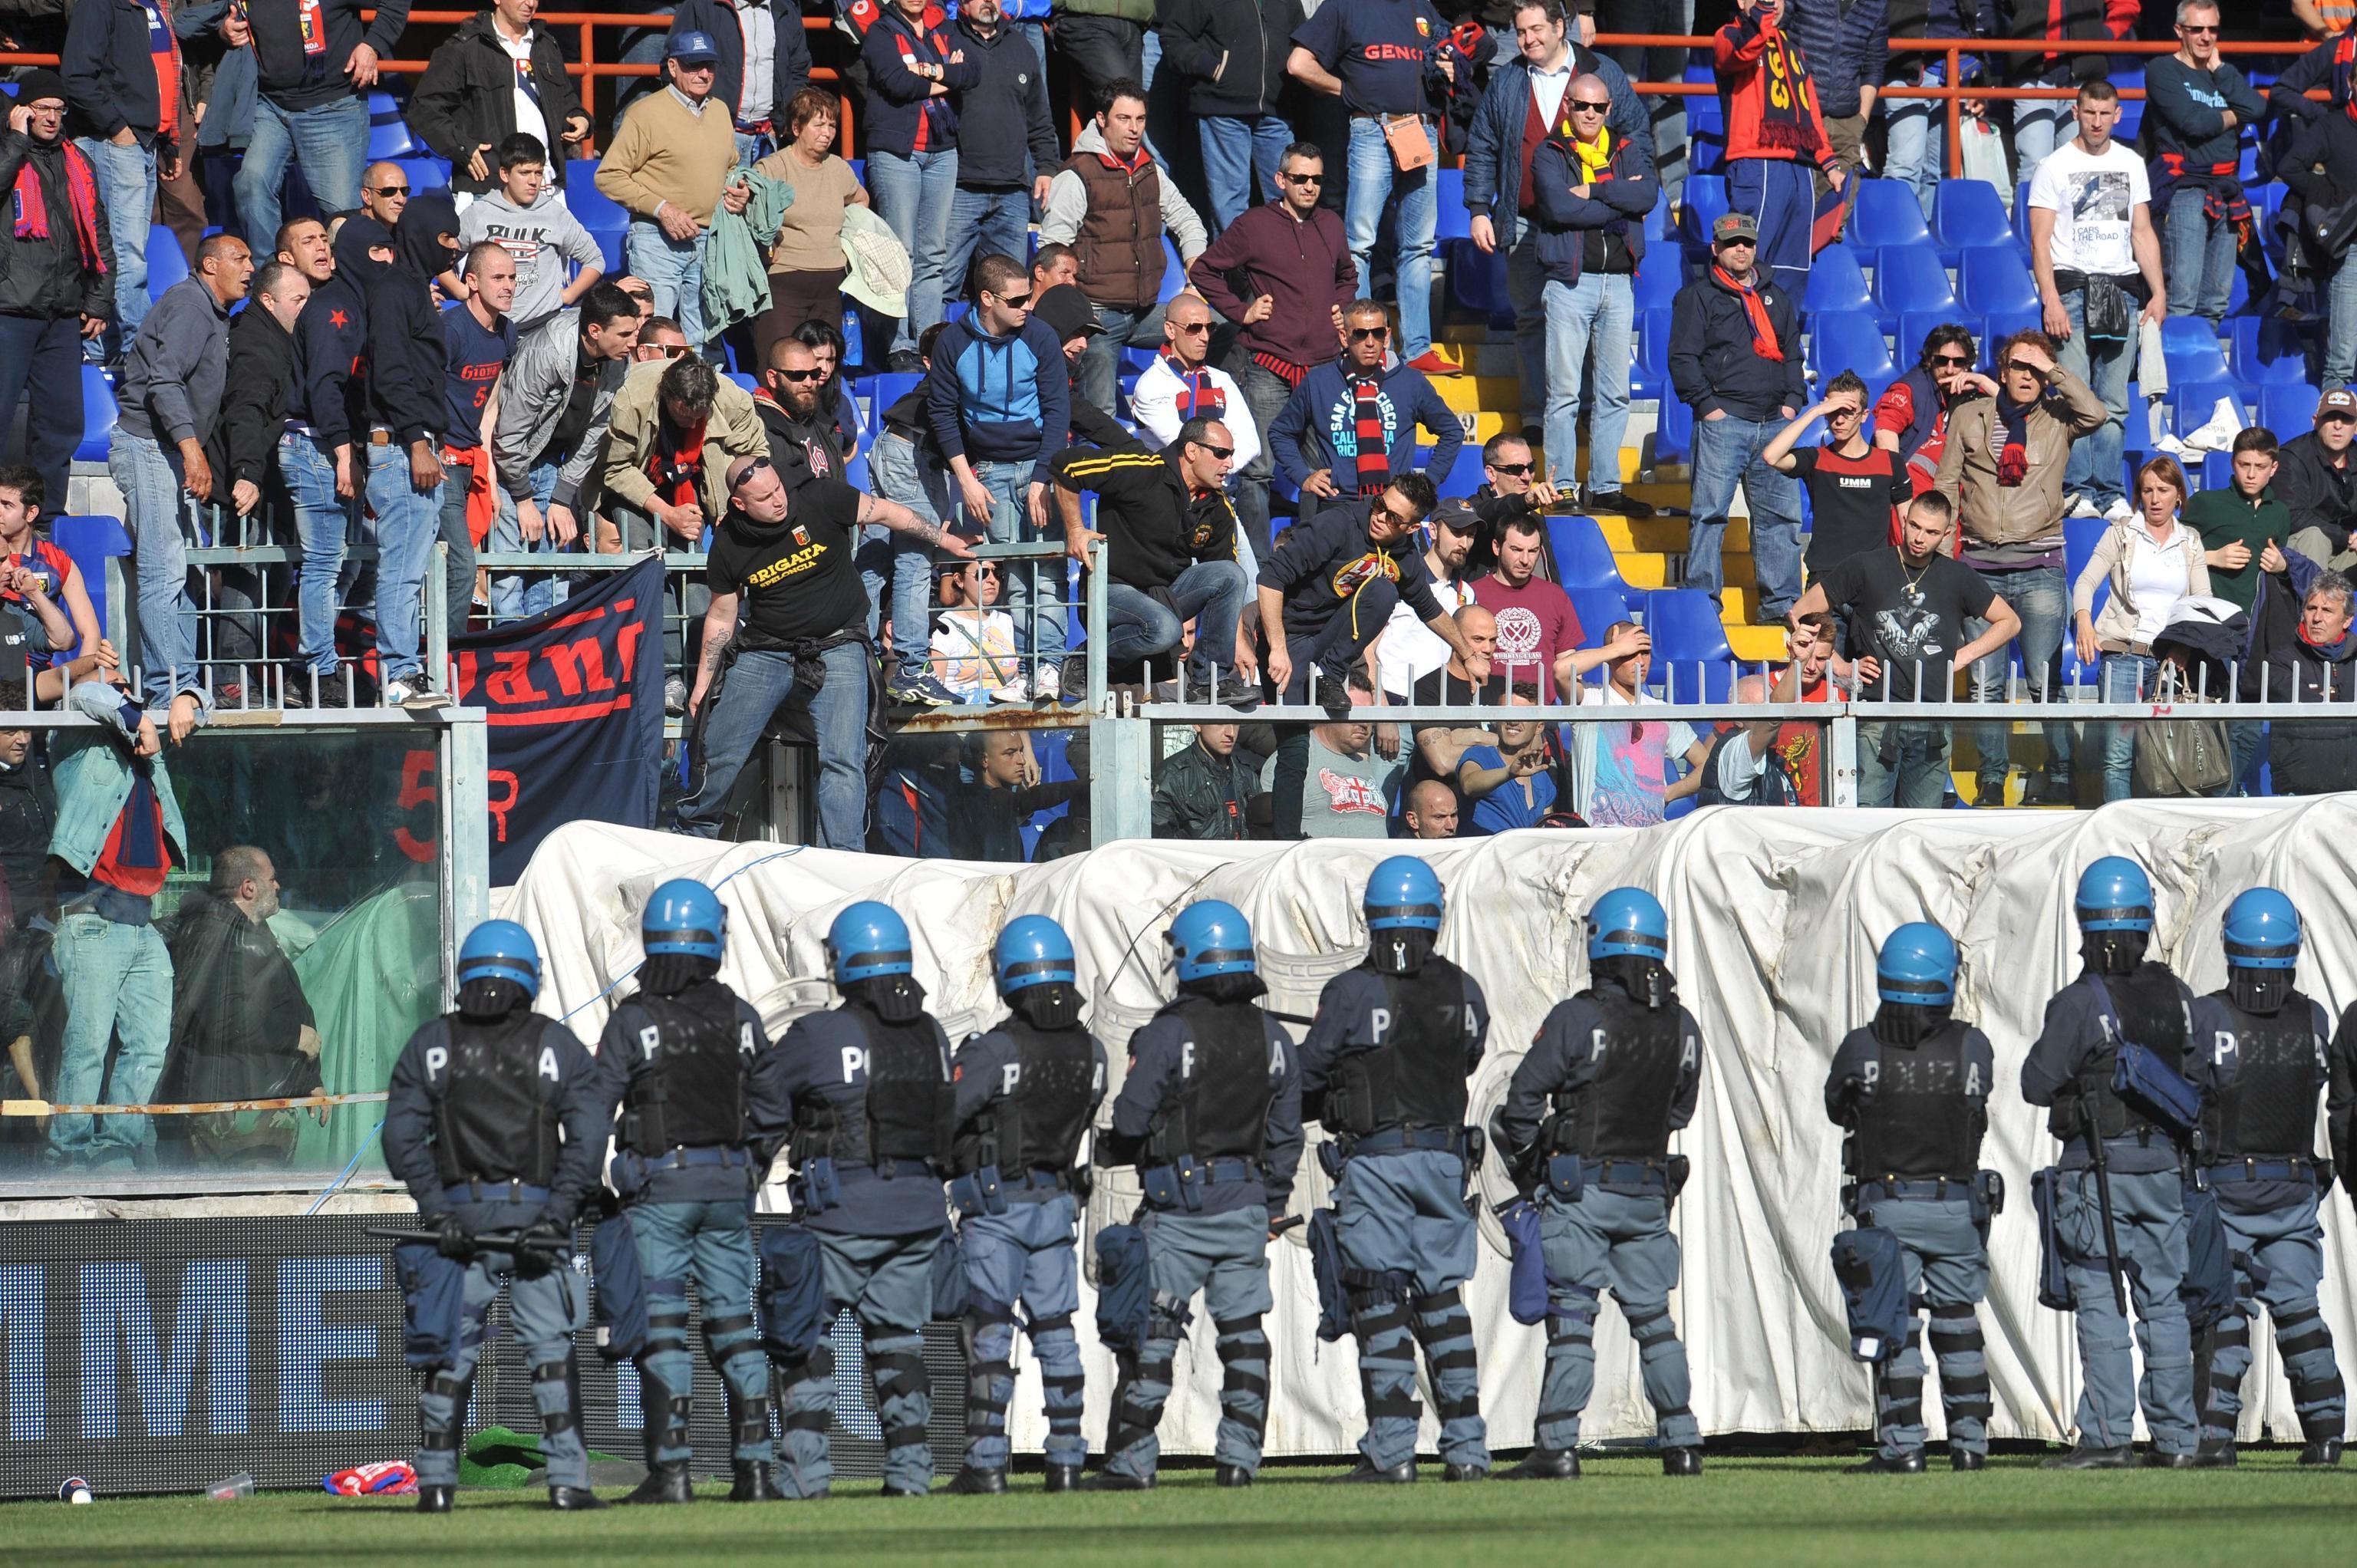 Forze dell'ordine in campo mentre infuria la protesta dei tifosi del Genoa, in una immagine del 22 aprile 2012, allo stadio Luigi Ferraris di Genova durante Genoa-Siena. ANSA/LUCA ZENNARO